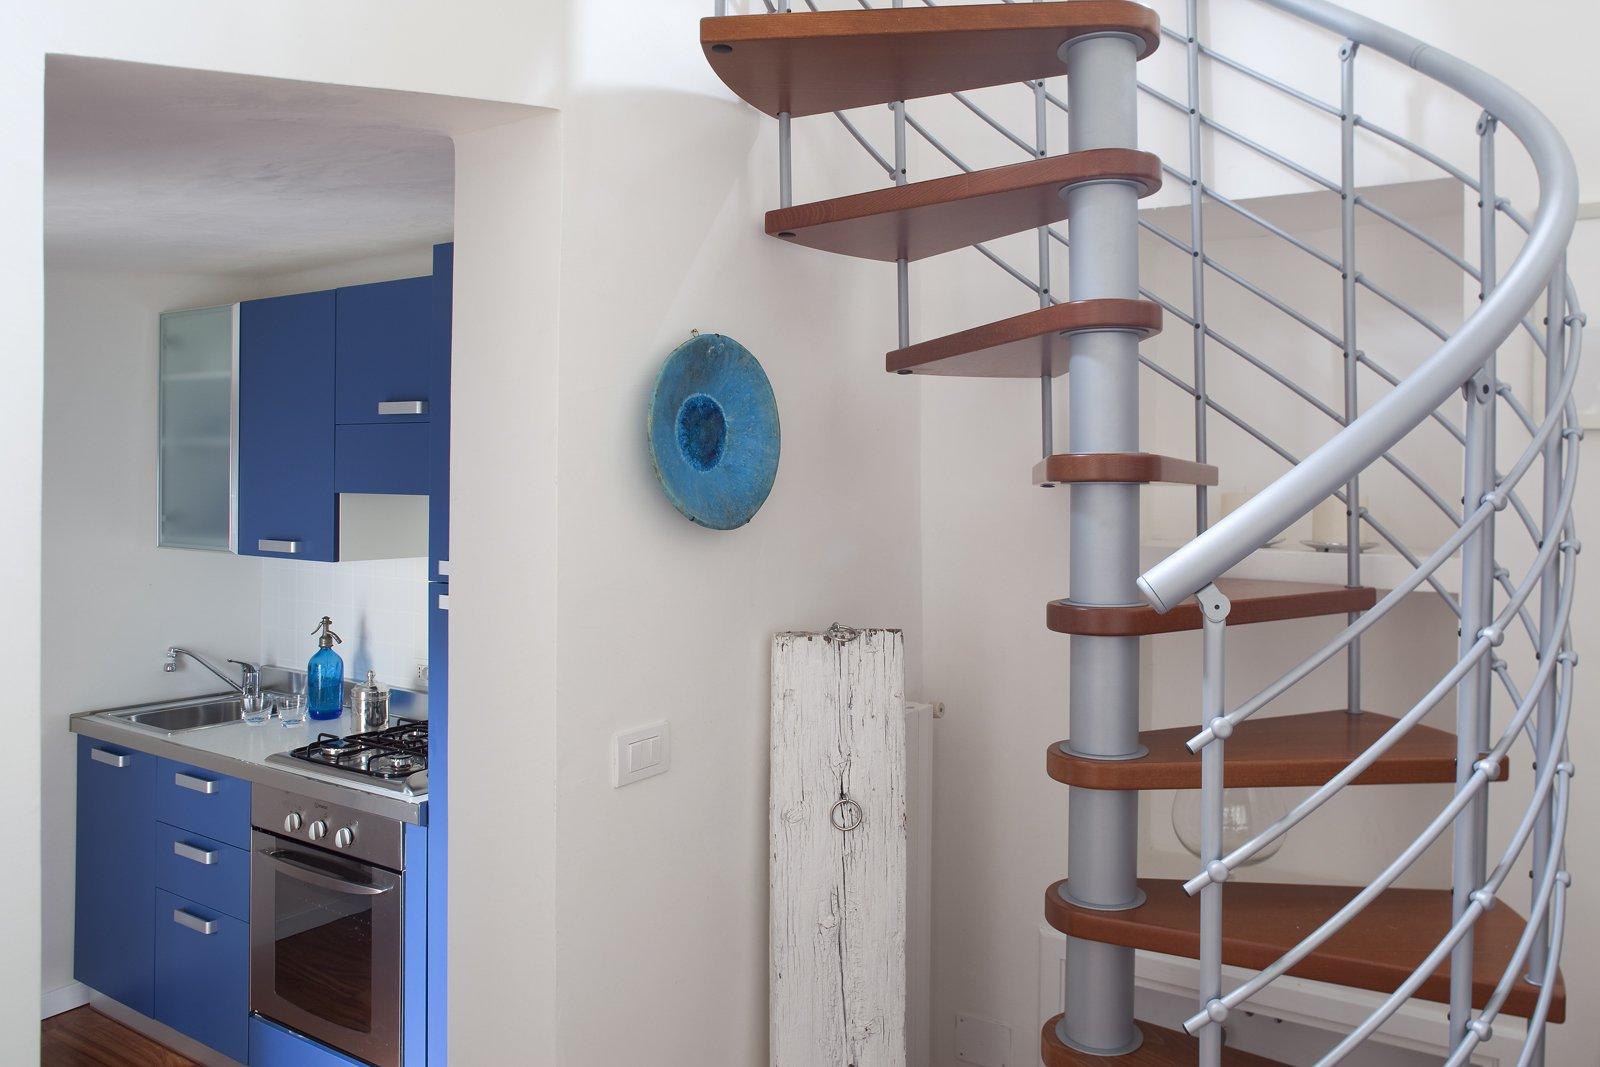 48 mq bilocale su due livelli cose di casa for Idee per ristrutturare casa piccola